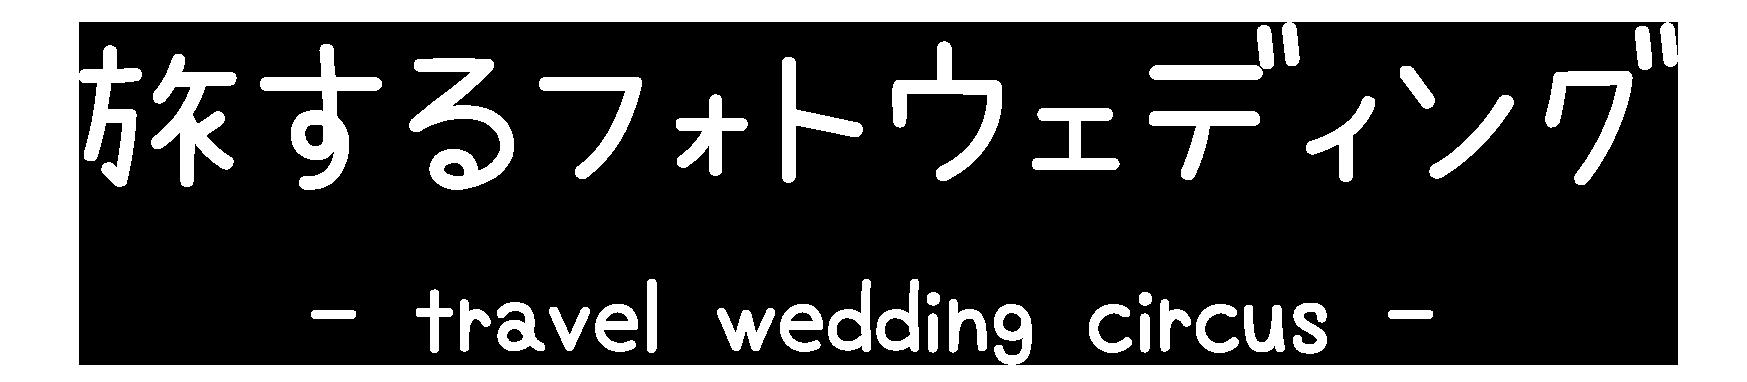 鎌倉湘南 結婚写真 旅するフォトウェディング